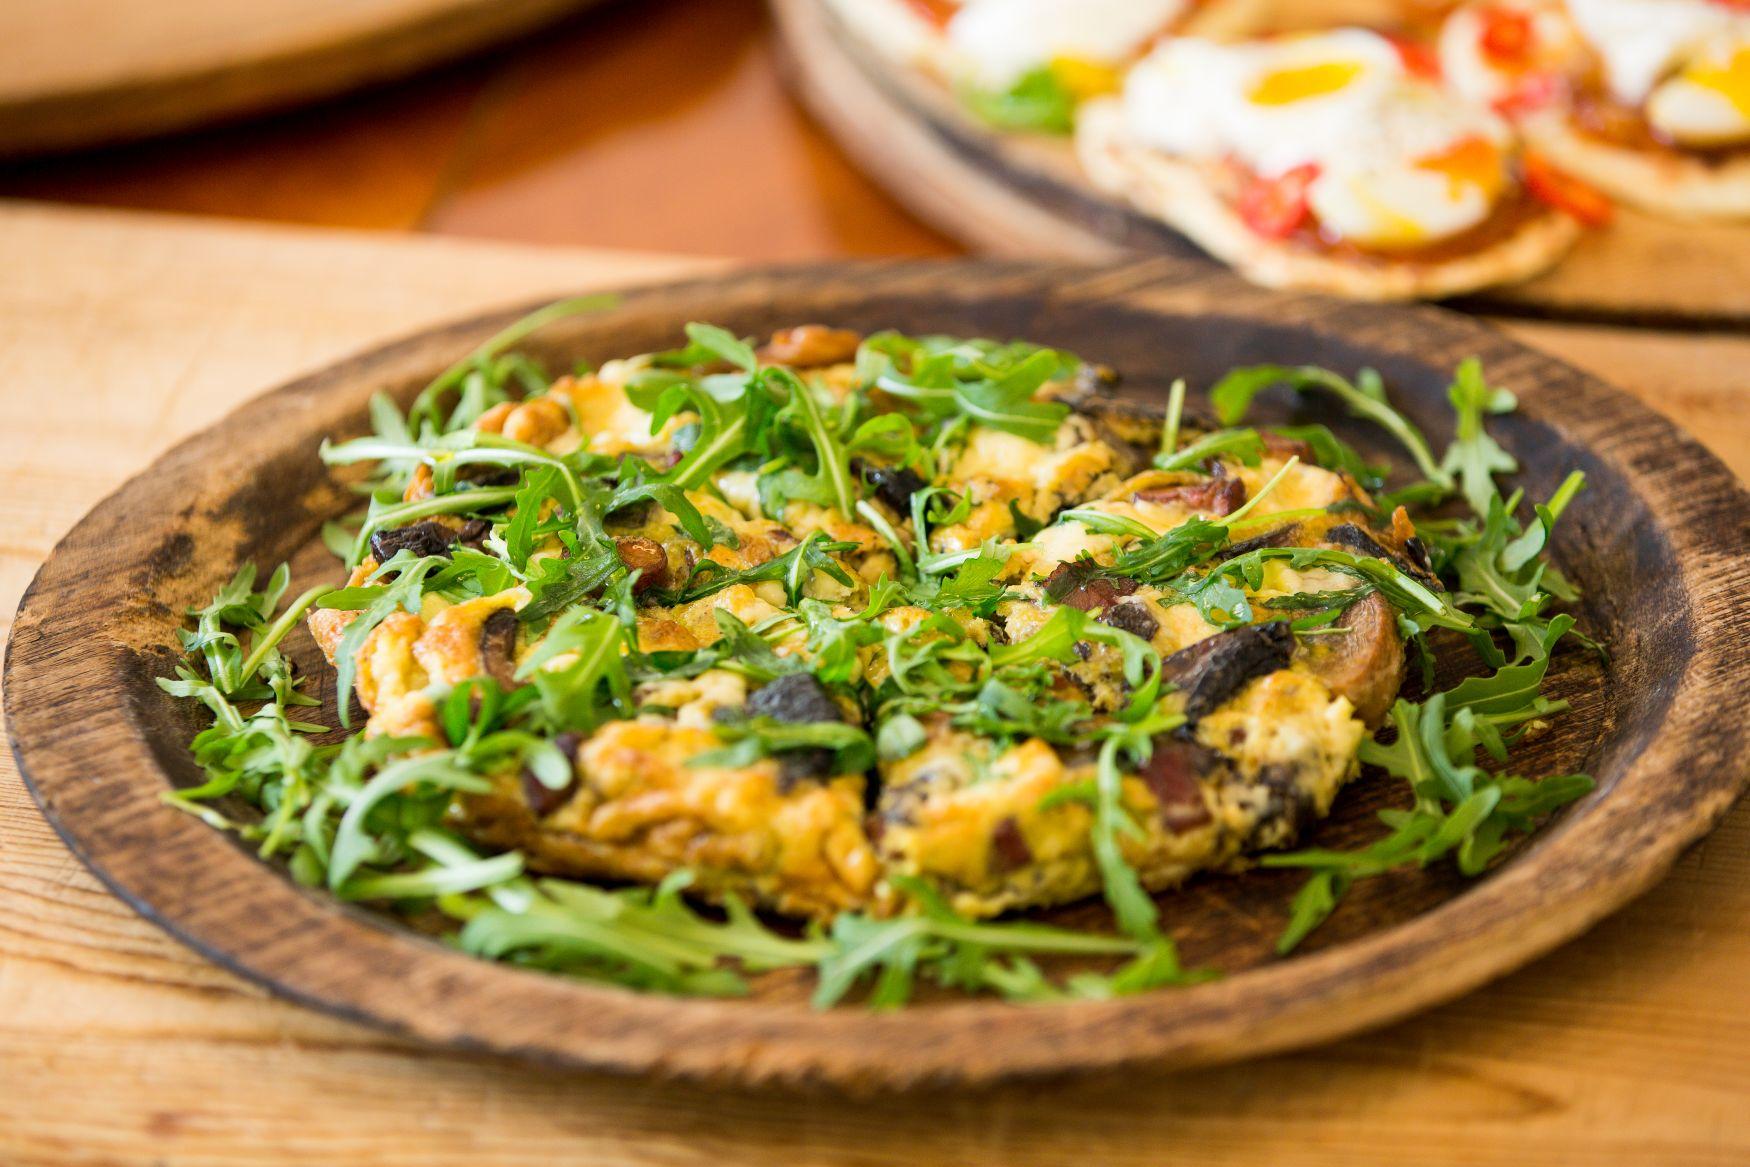 Leichte Sommerküche Jamie Oliver : Jamie oliver 15 minuten küche. einbaumülleimer küche kleine farbig